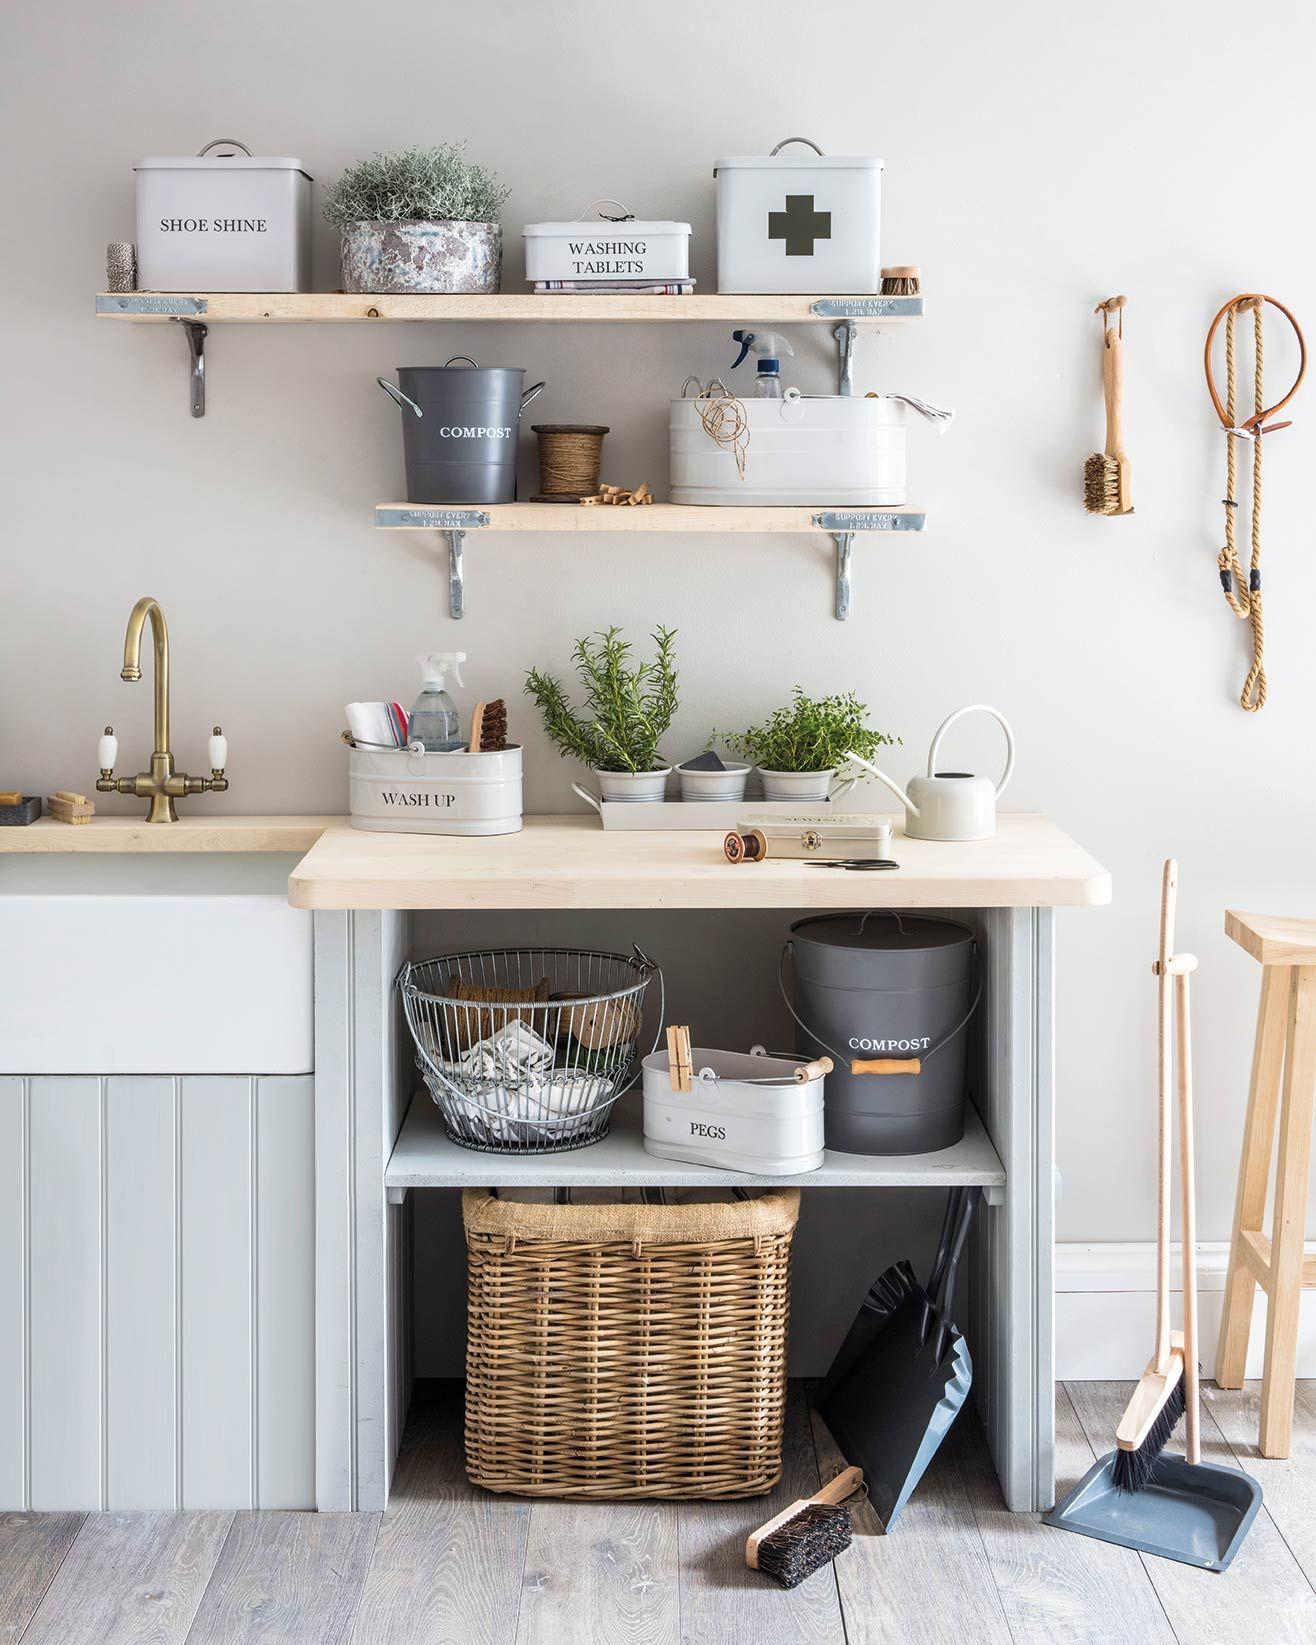 Cocina: artículos limpieza